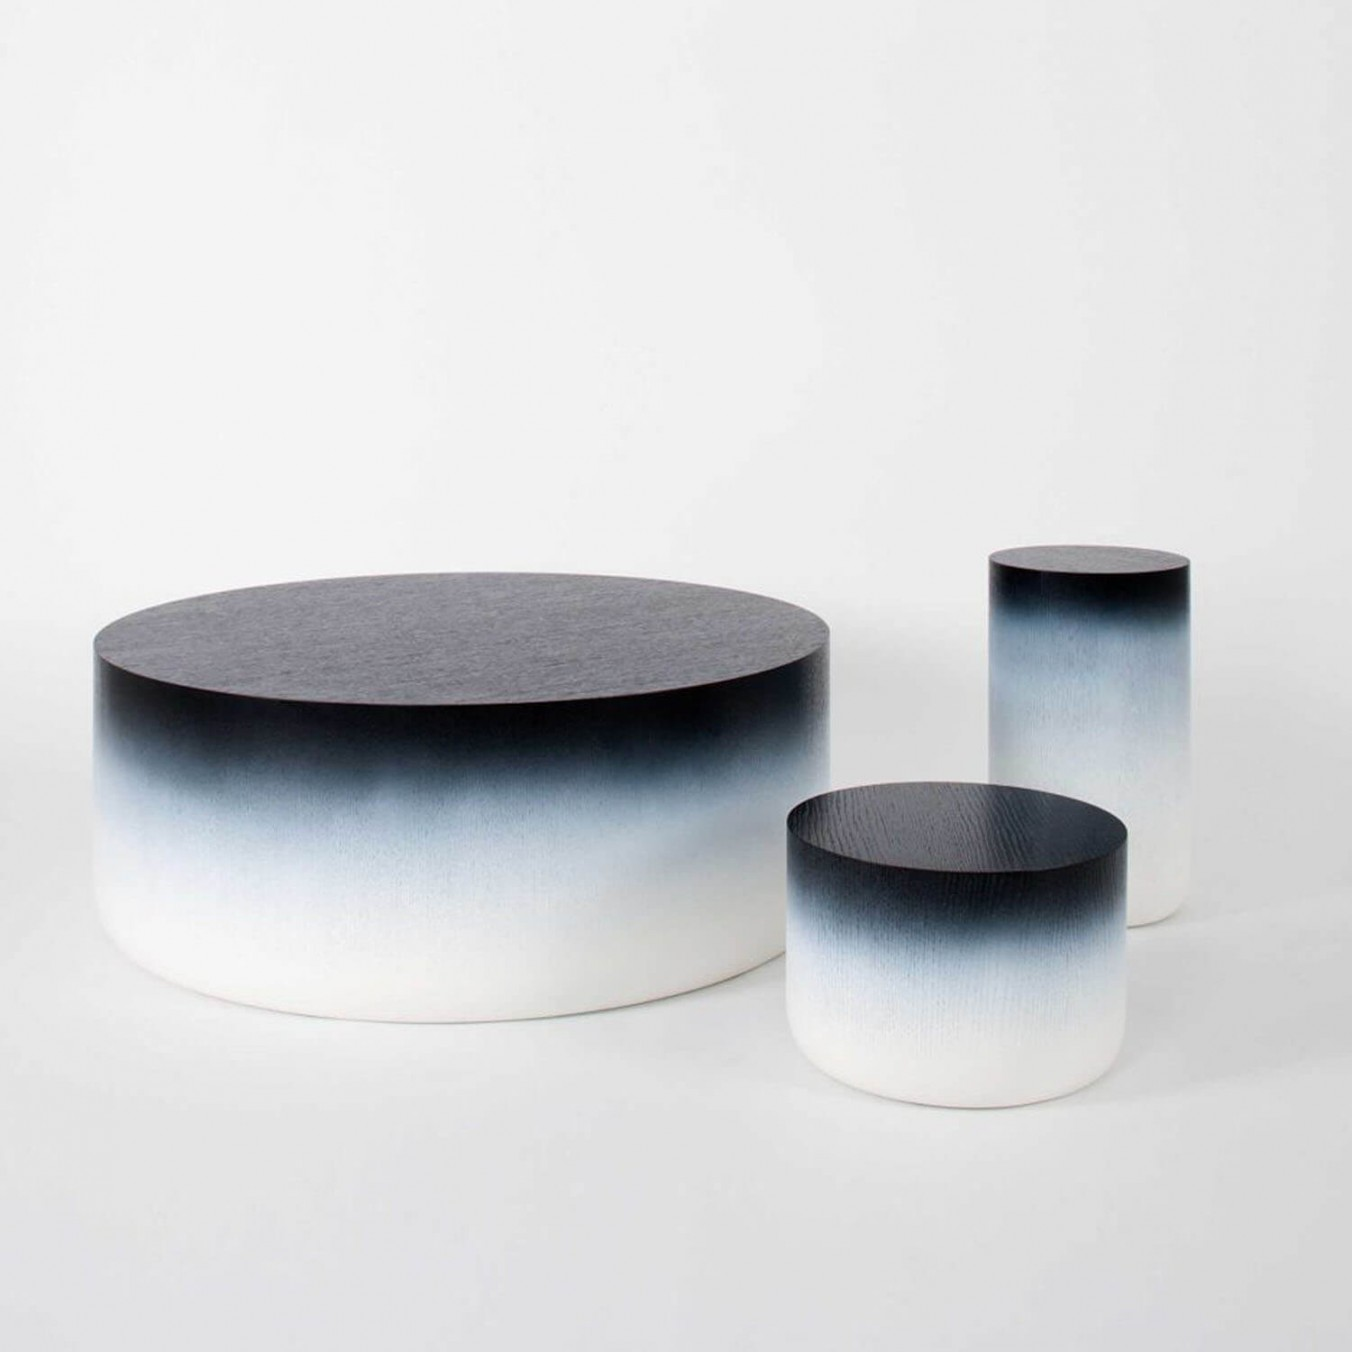 TIE & DYE SIDE TABLE / STOOL